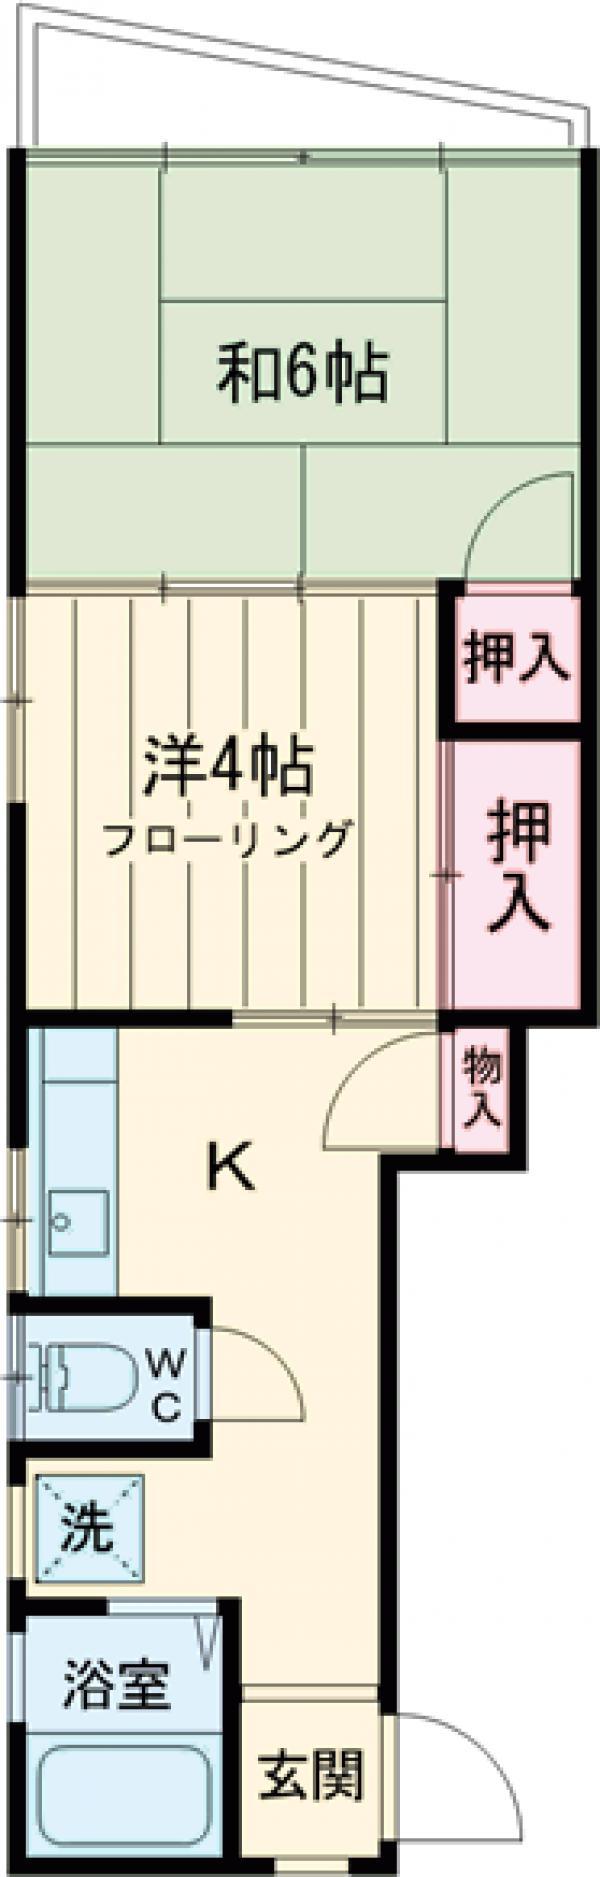 櫻井マンション 303号室の間取り